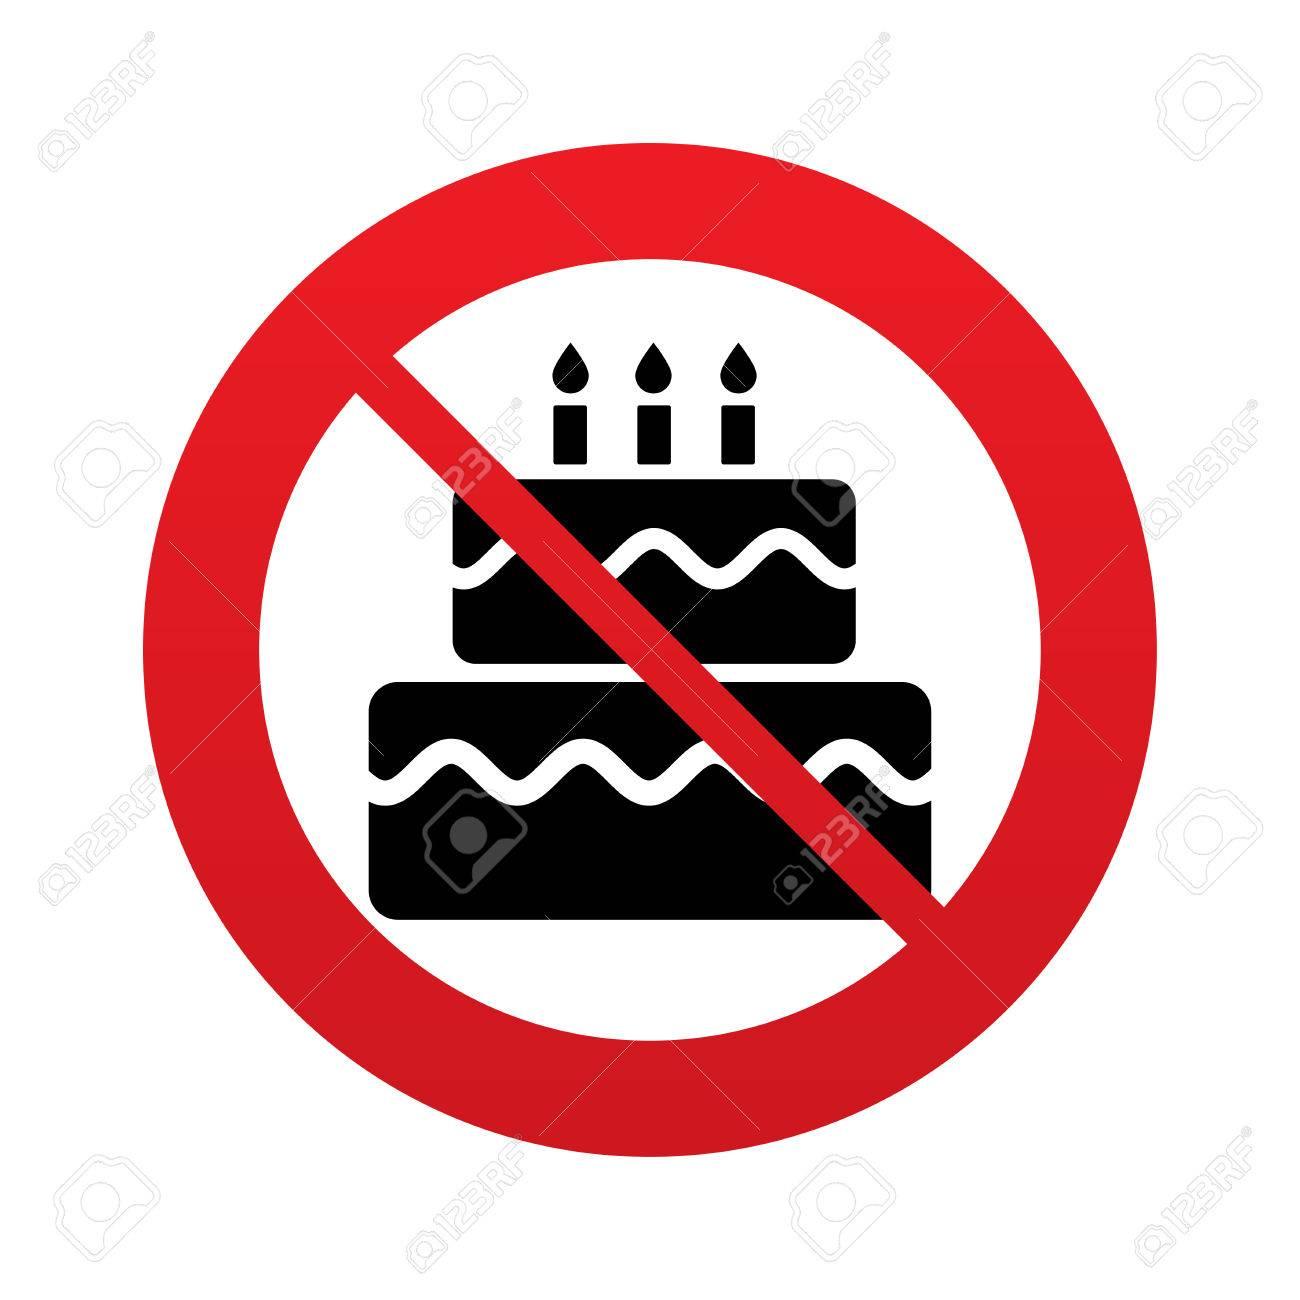 Birthday cake sign icon cake with burning candles symbol red birthday cake sign icon cake with burning candles symbol red prohibition sign stop buycottarizona